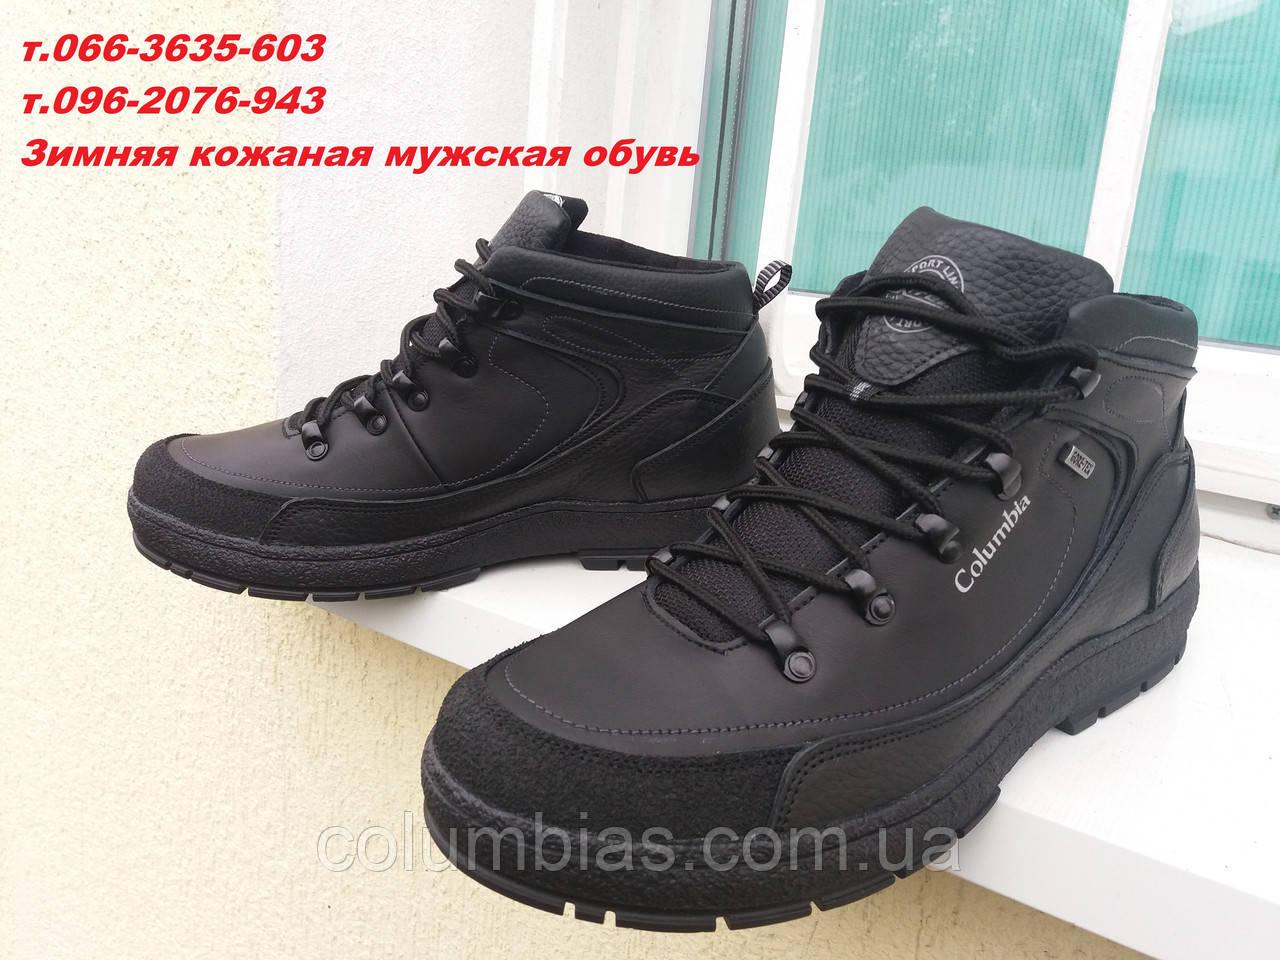 Зимняя мужская обувь Colambia р-рі 40.41.42.43.44.45.45.5